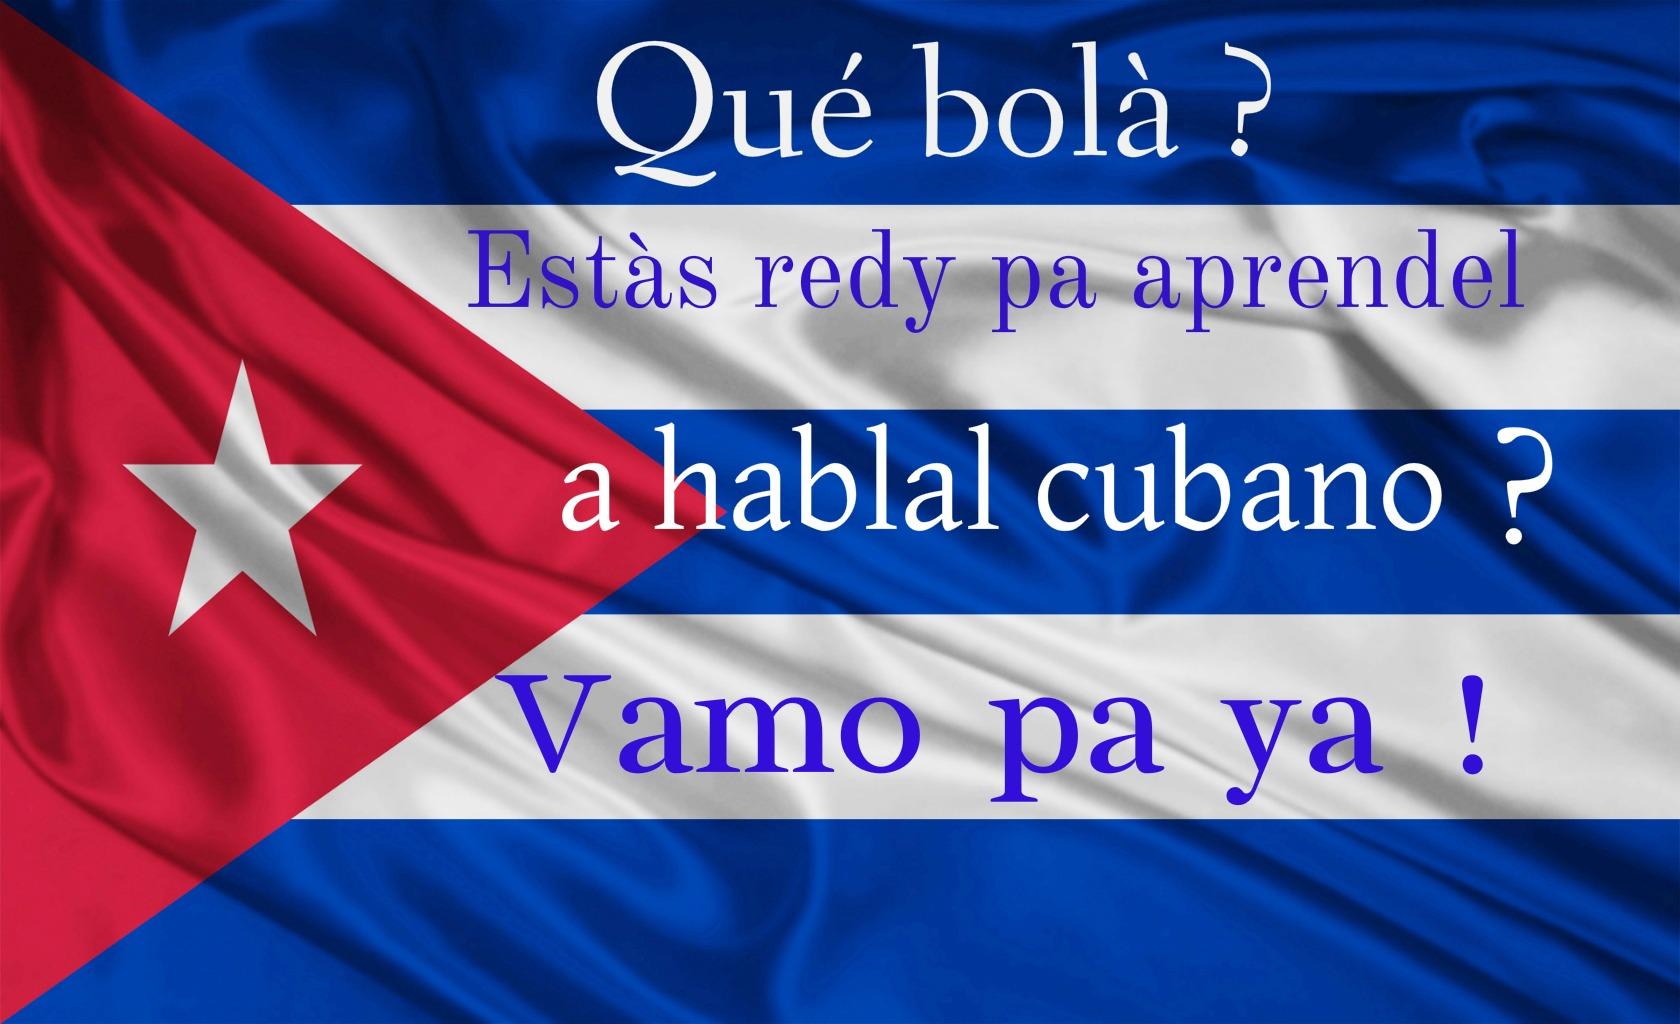 La méthode incroyable-inédite-extraordinaire pour apprendre à parler cubain en 2 minutes